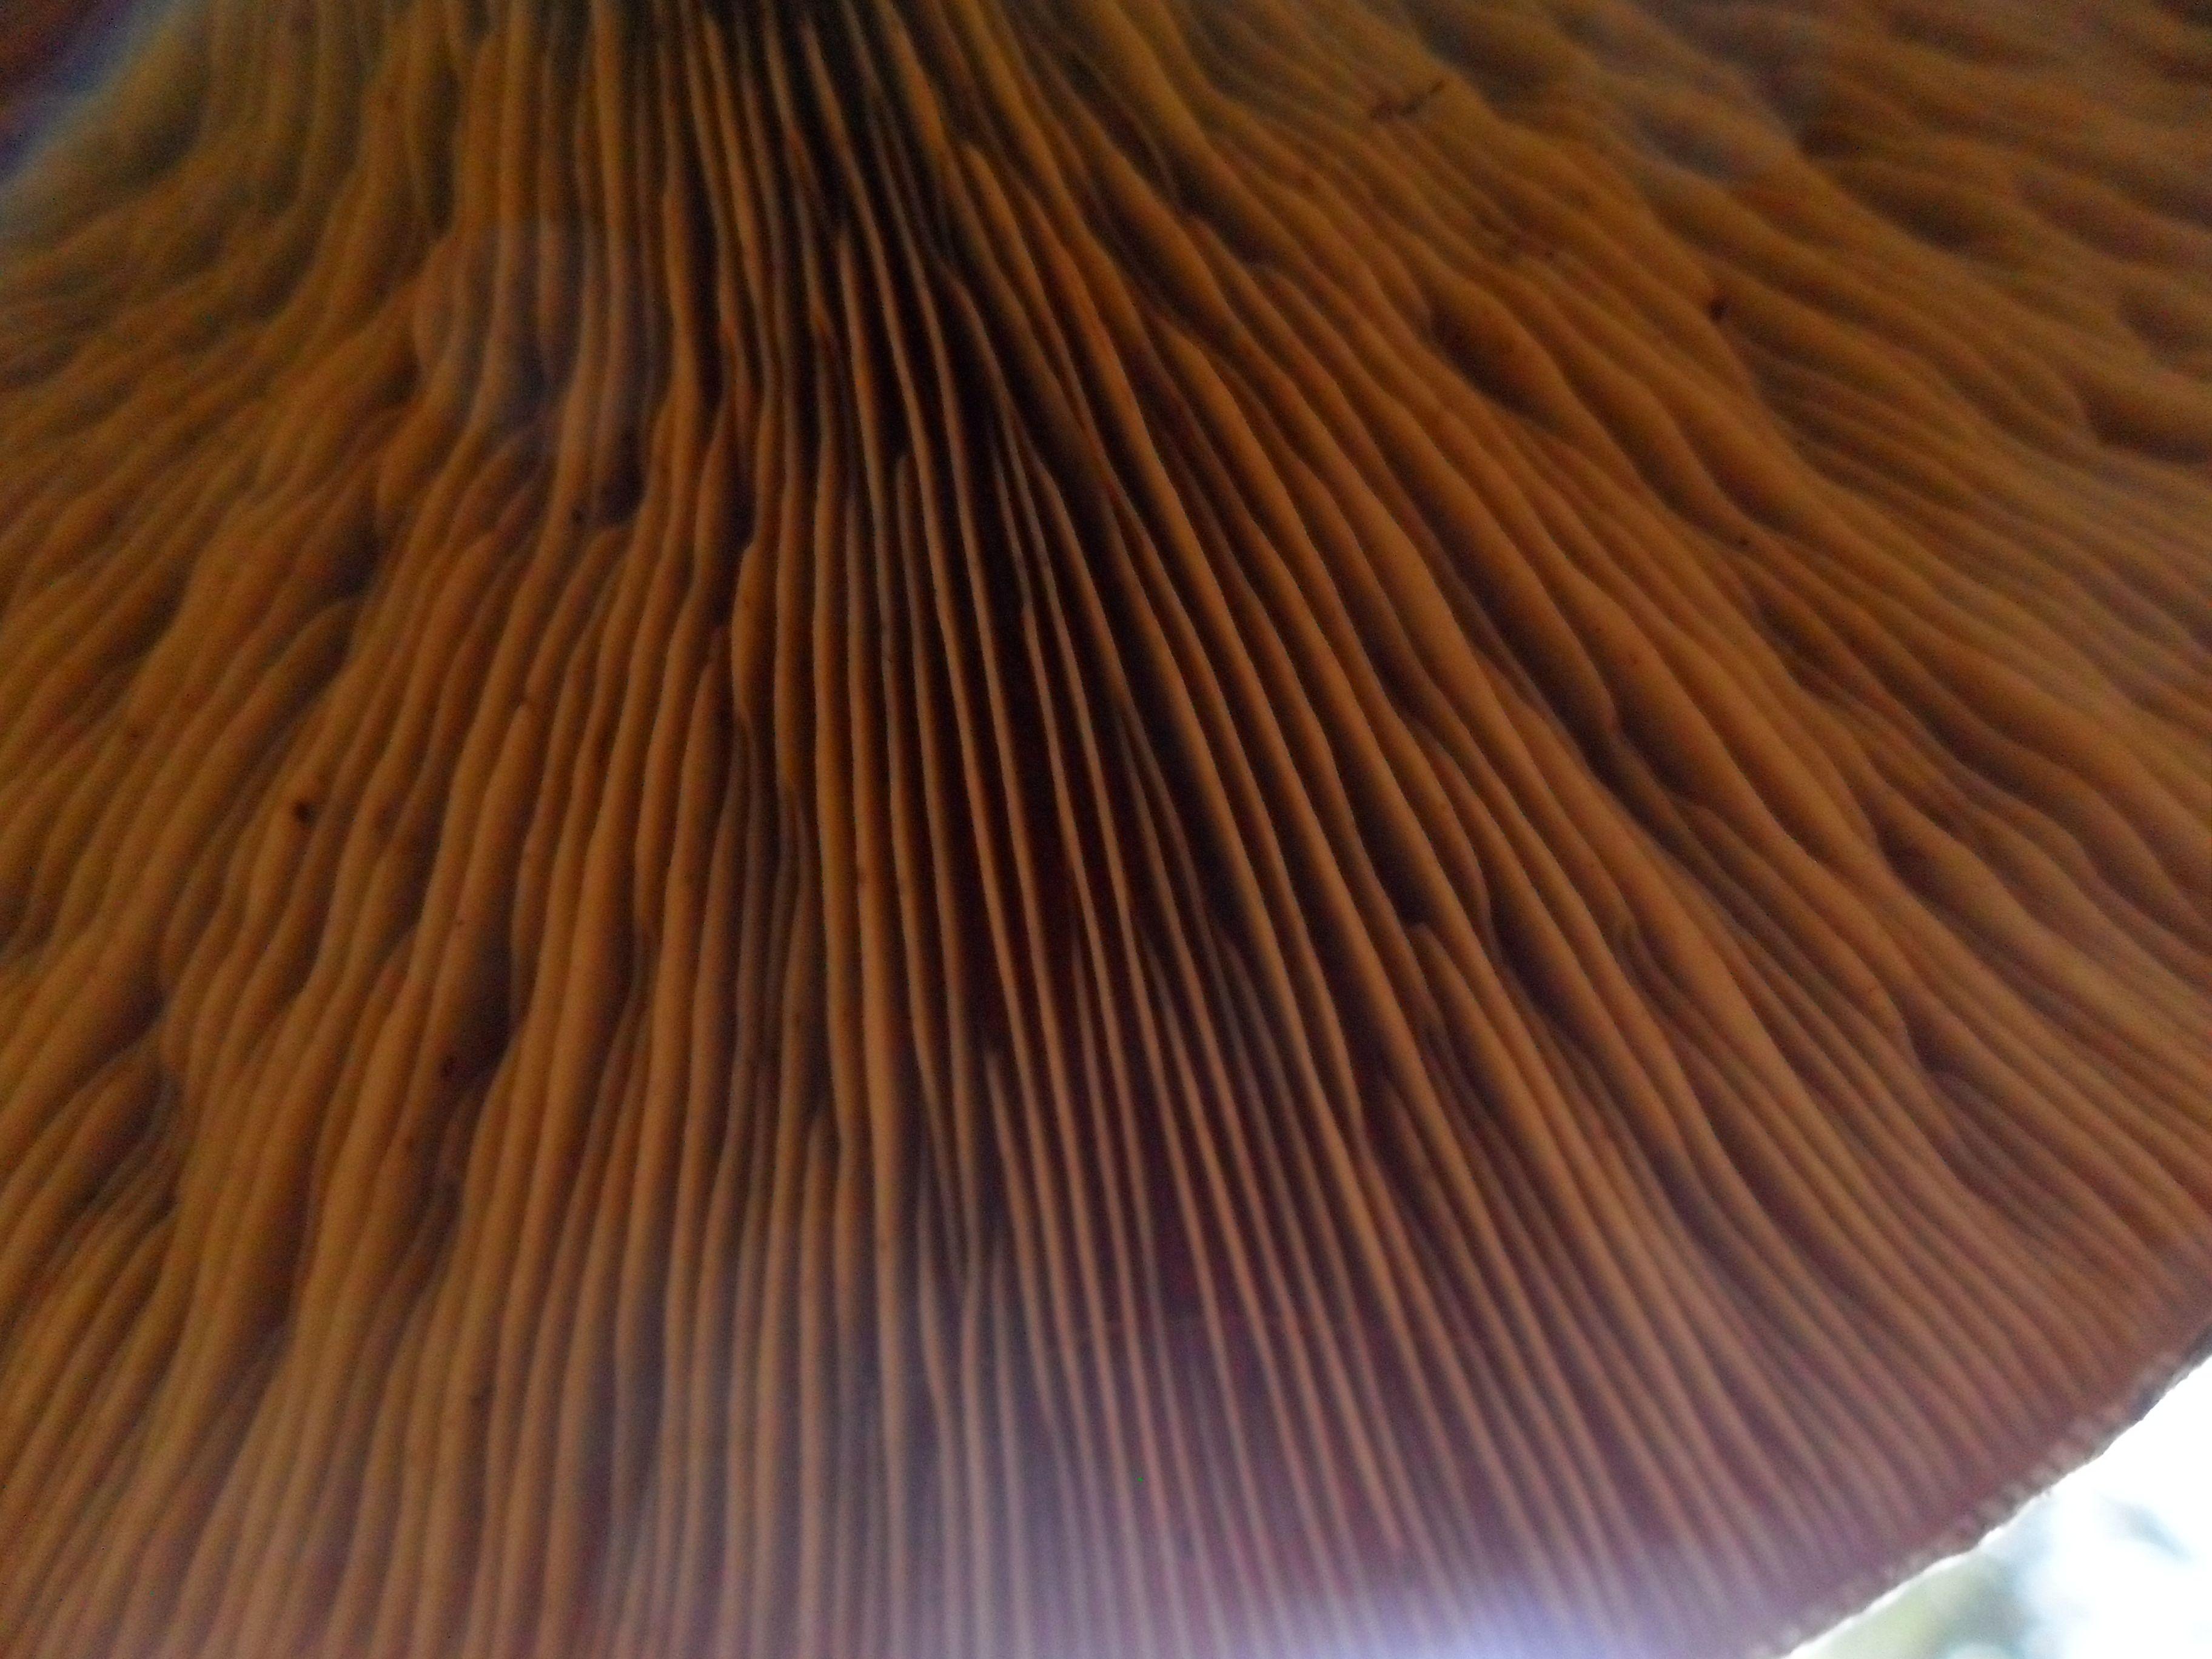 de zaadgleuven van een paddenstoel